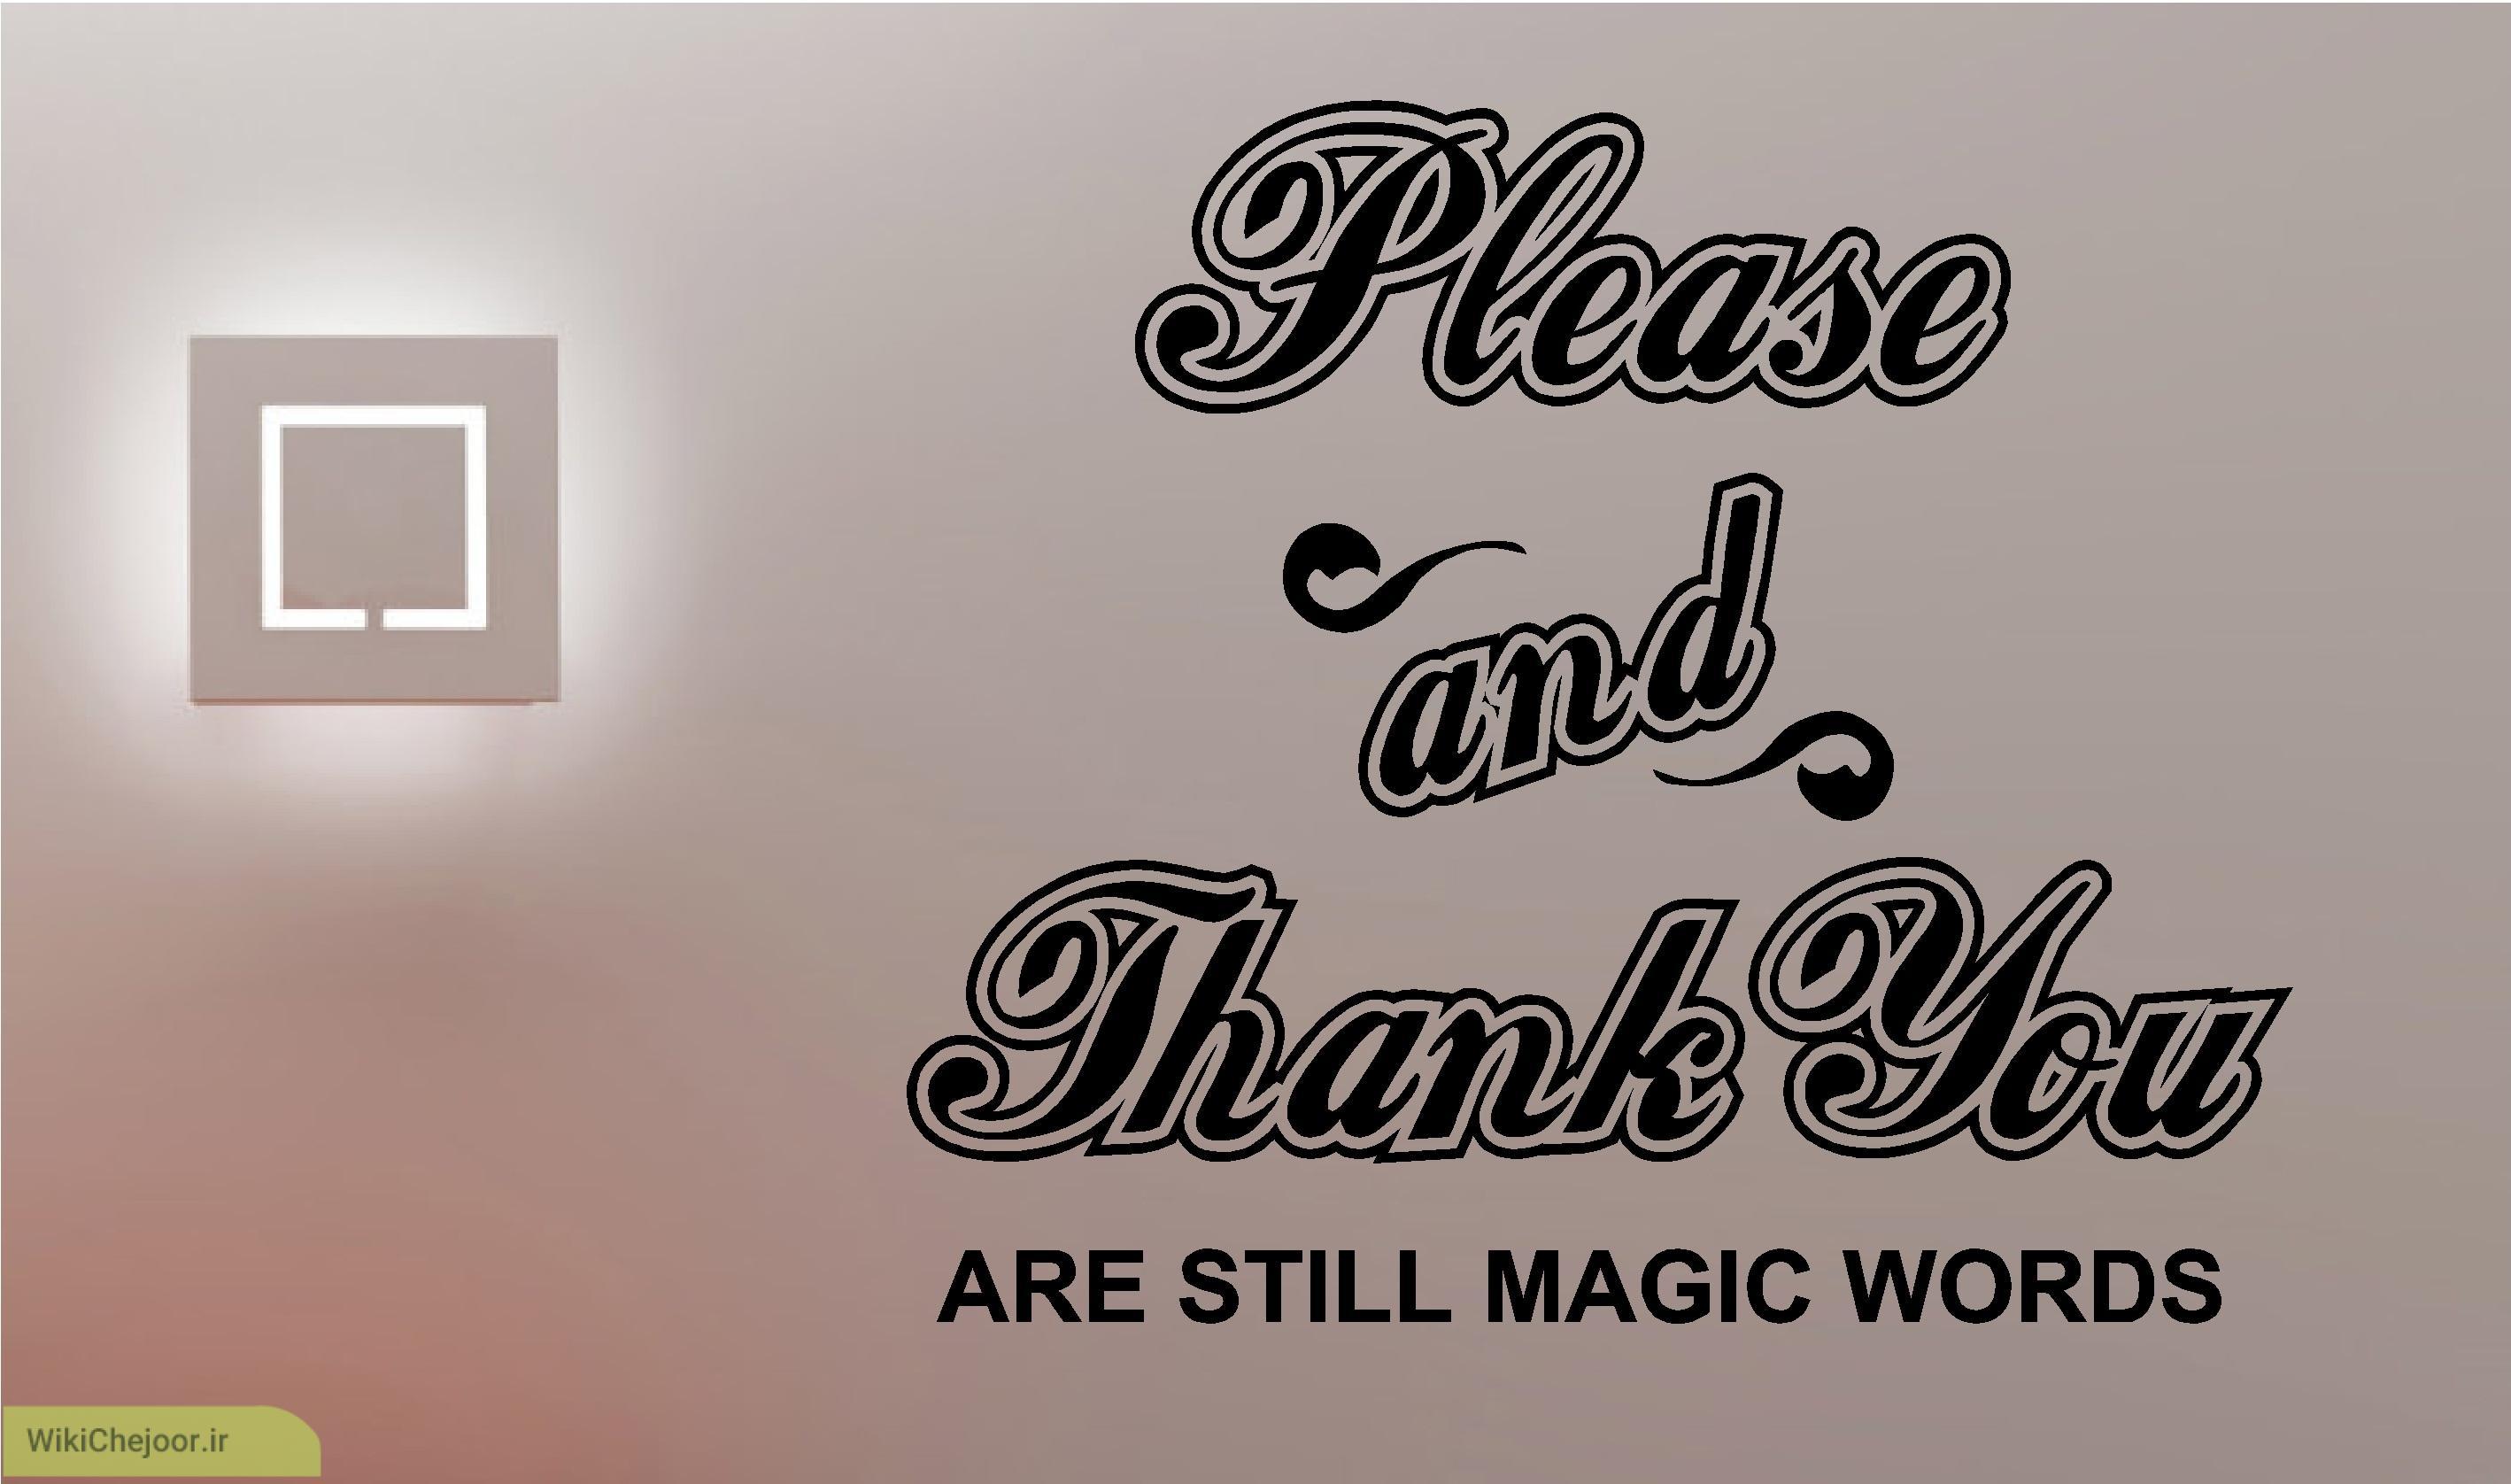 چگونه در زبان انگلیسی از Please و Thank you استفاده کنیم؟